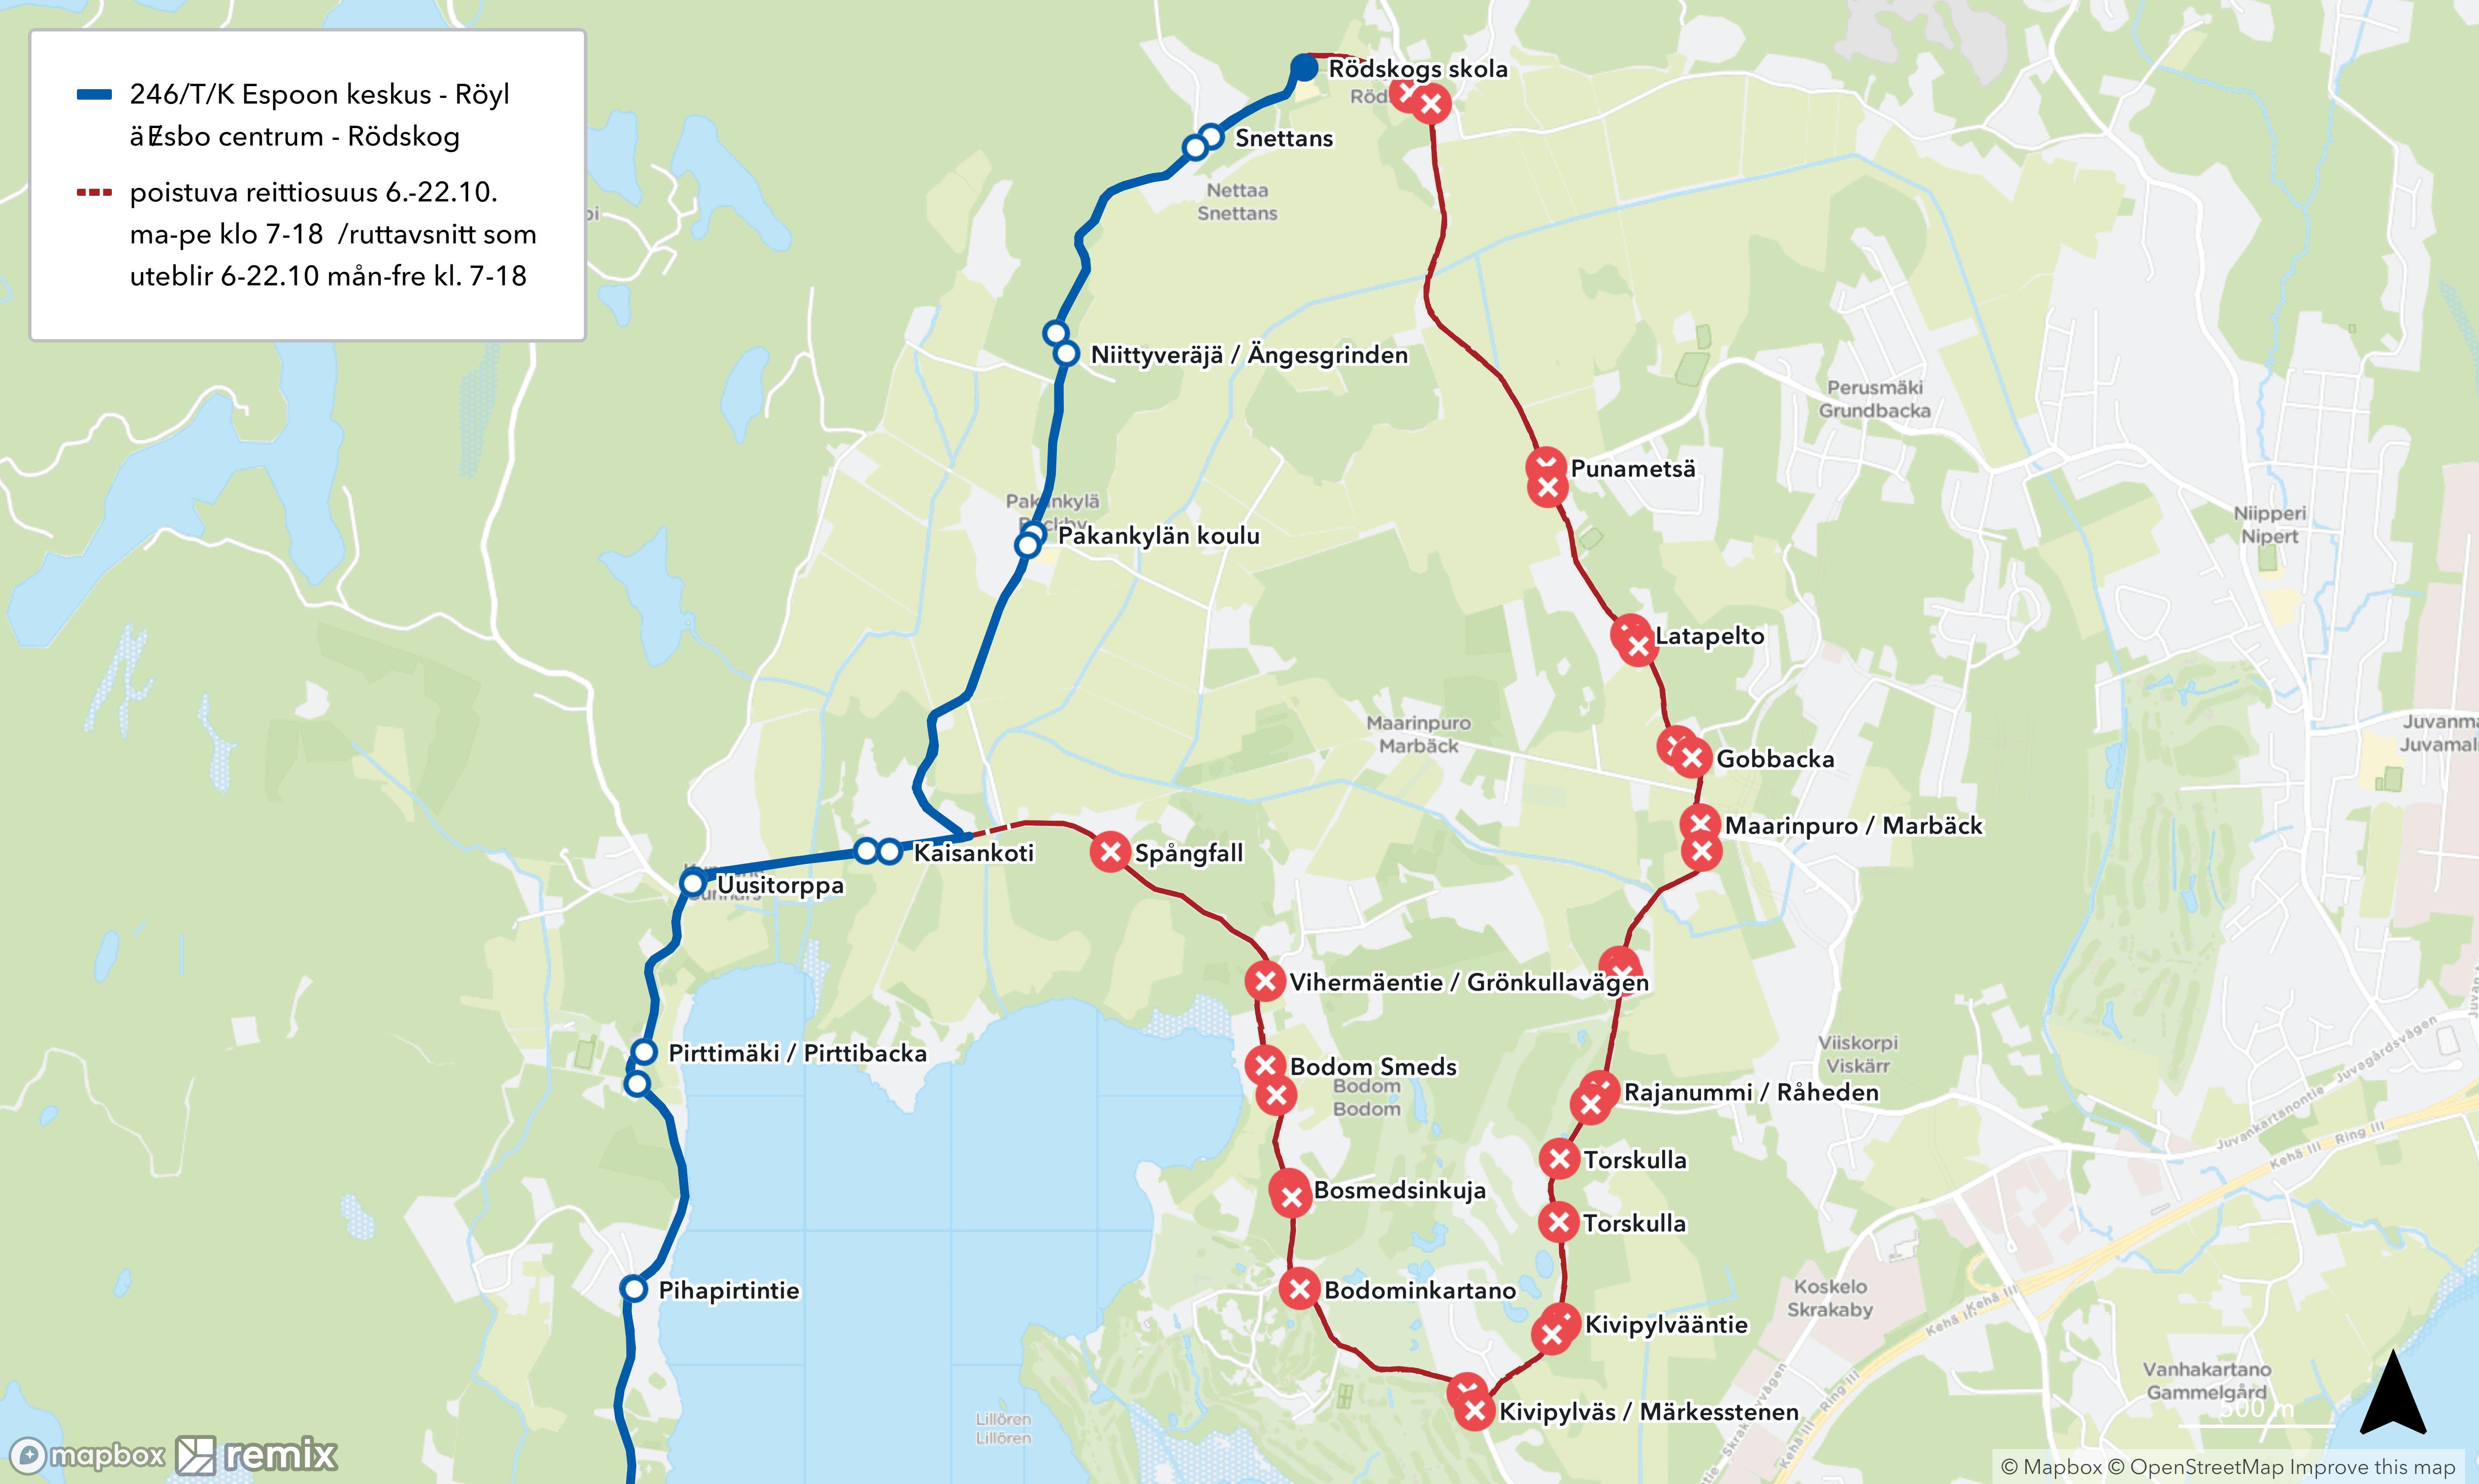 Kartta poistuvasta reittiosuudesta Bodomintie-Röyläntie / En karta över ruttavsnittet som uteblir Bodomvägen-Rödskogsvägen